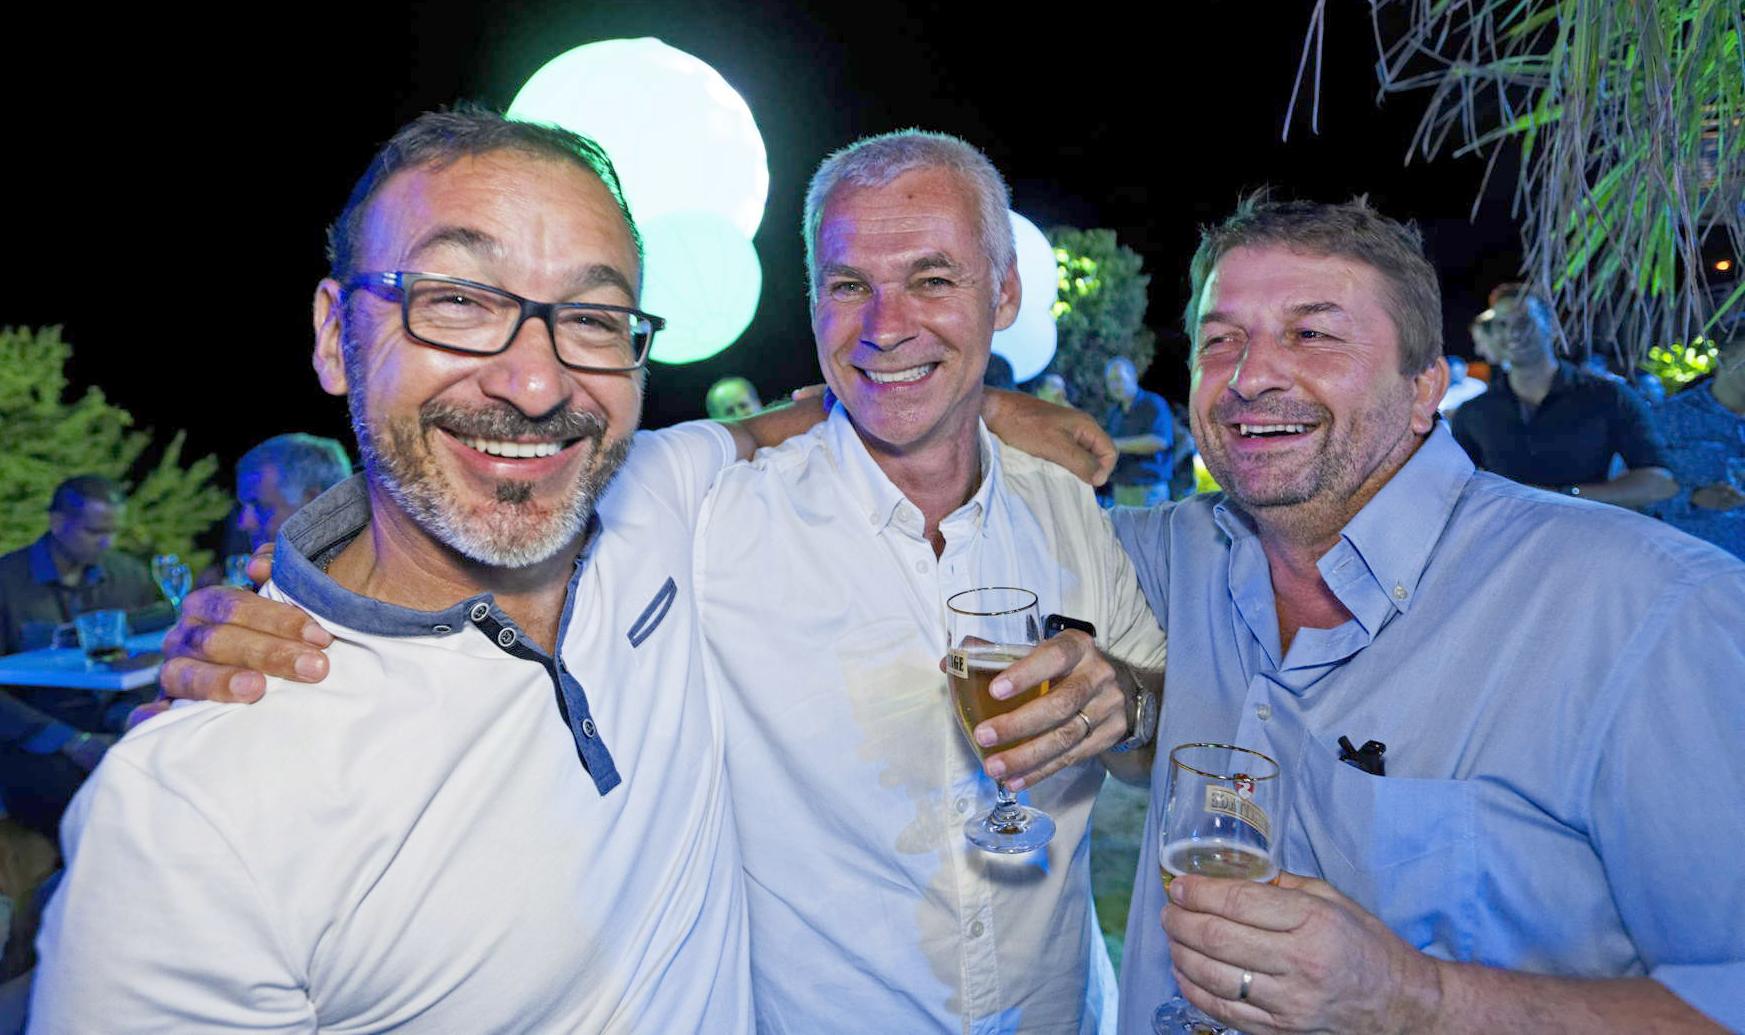 Thierry Thibault, Responsable génie civil TP chez Plaka France, Hervé Christophe, gérant de Pico Entreprise, Roberto Fabritti, Directeur de Laboratoire SEGC